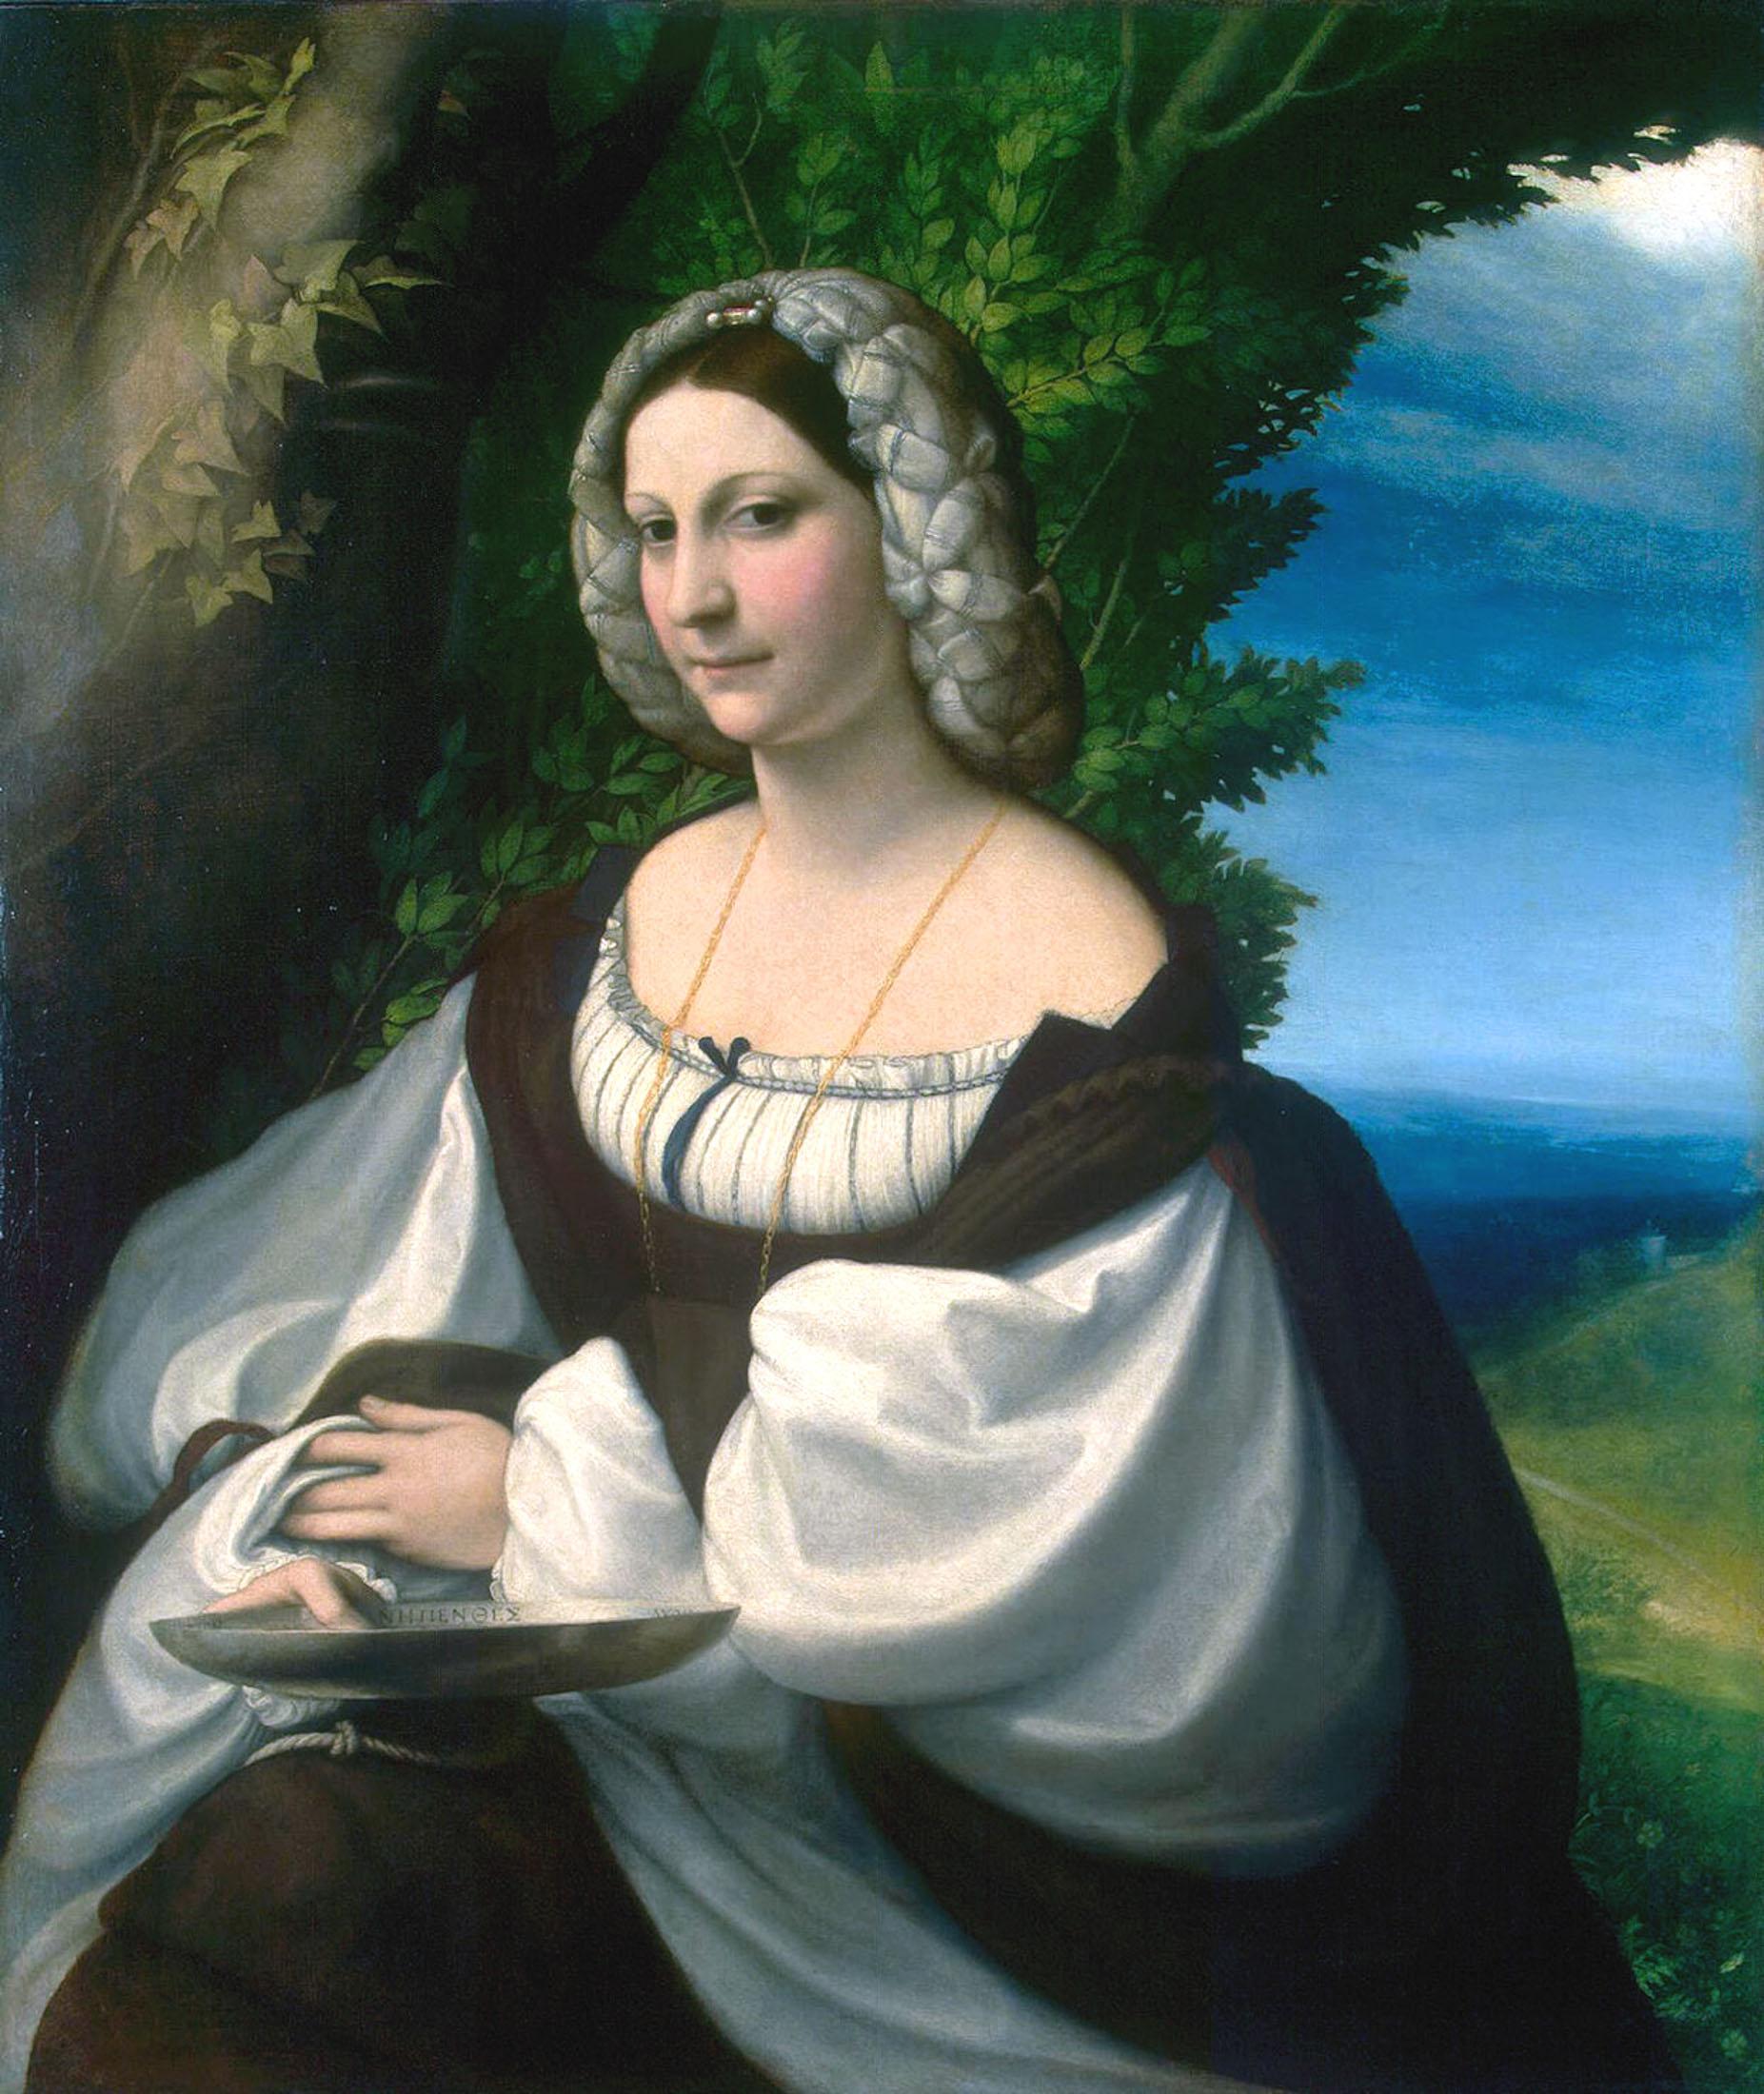 Correggio (Antonio Allegri), Ritratto di giovane donna (1520 circa; olio su tela, 103 x 87,5 cm; San Pietroburgo, Hermitage)